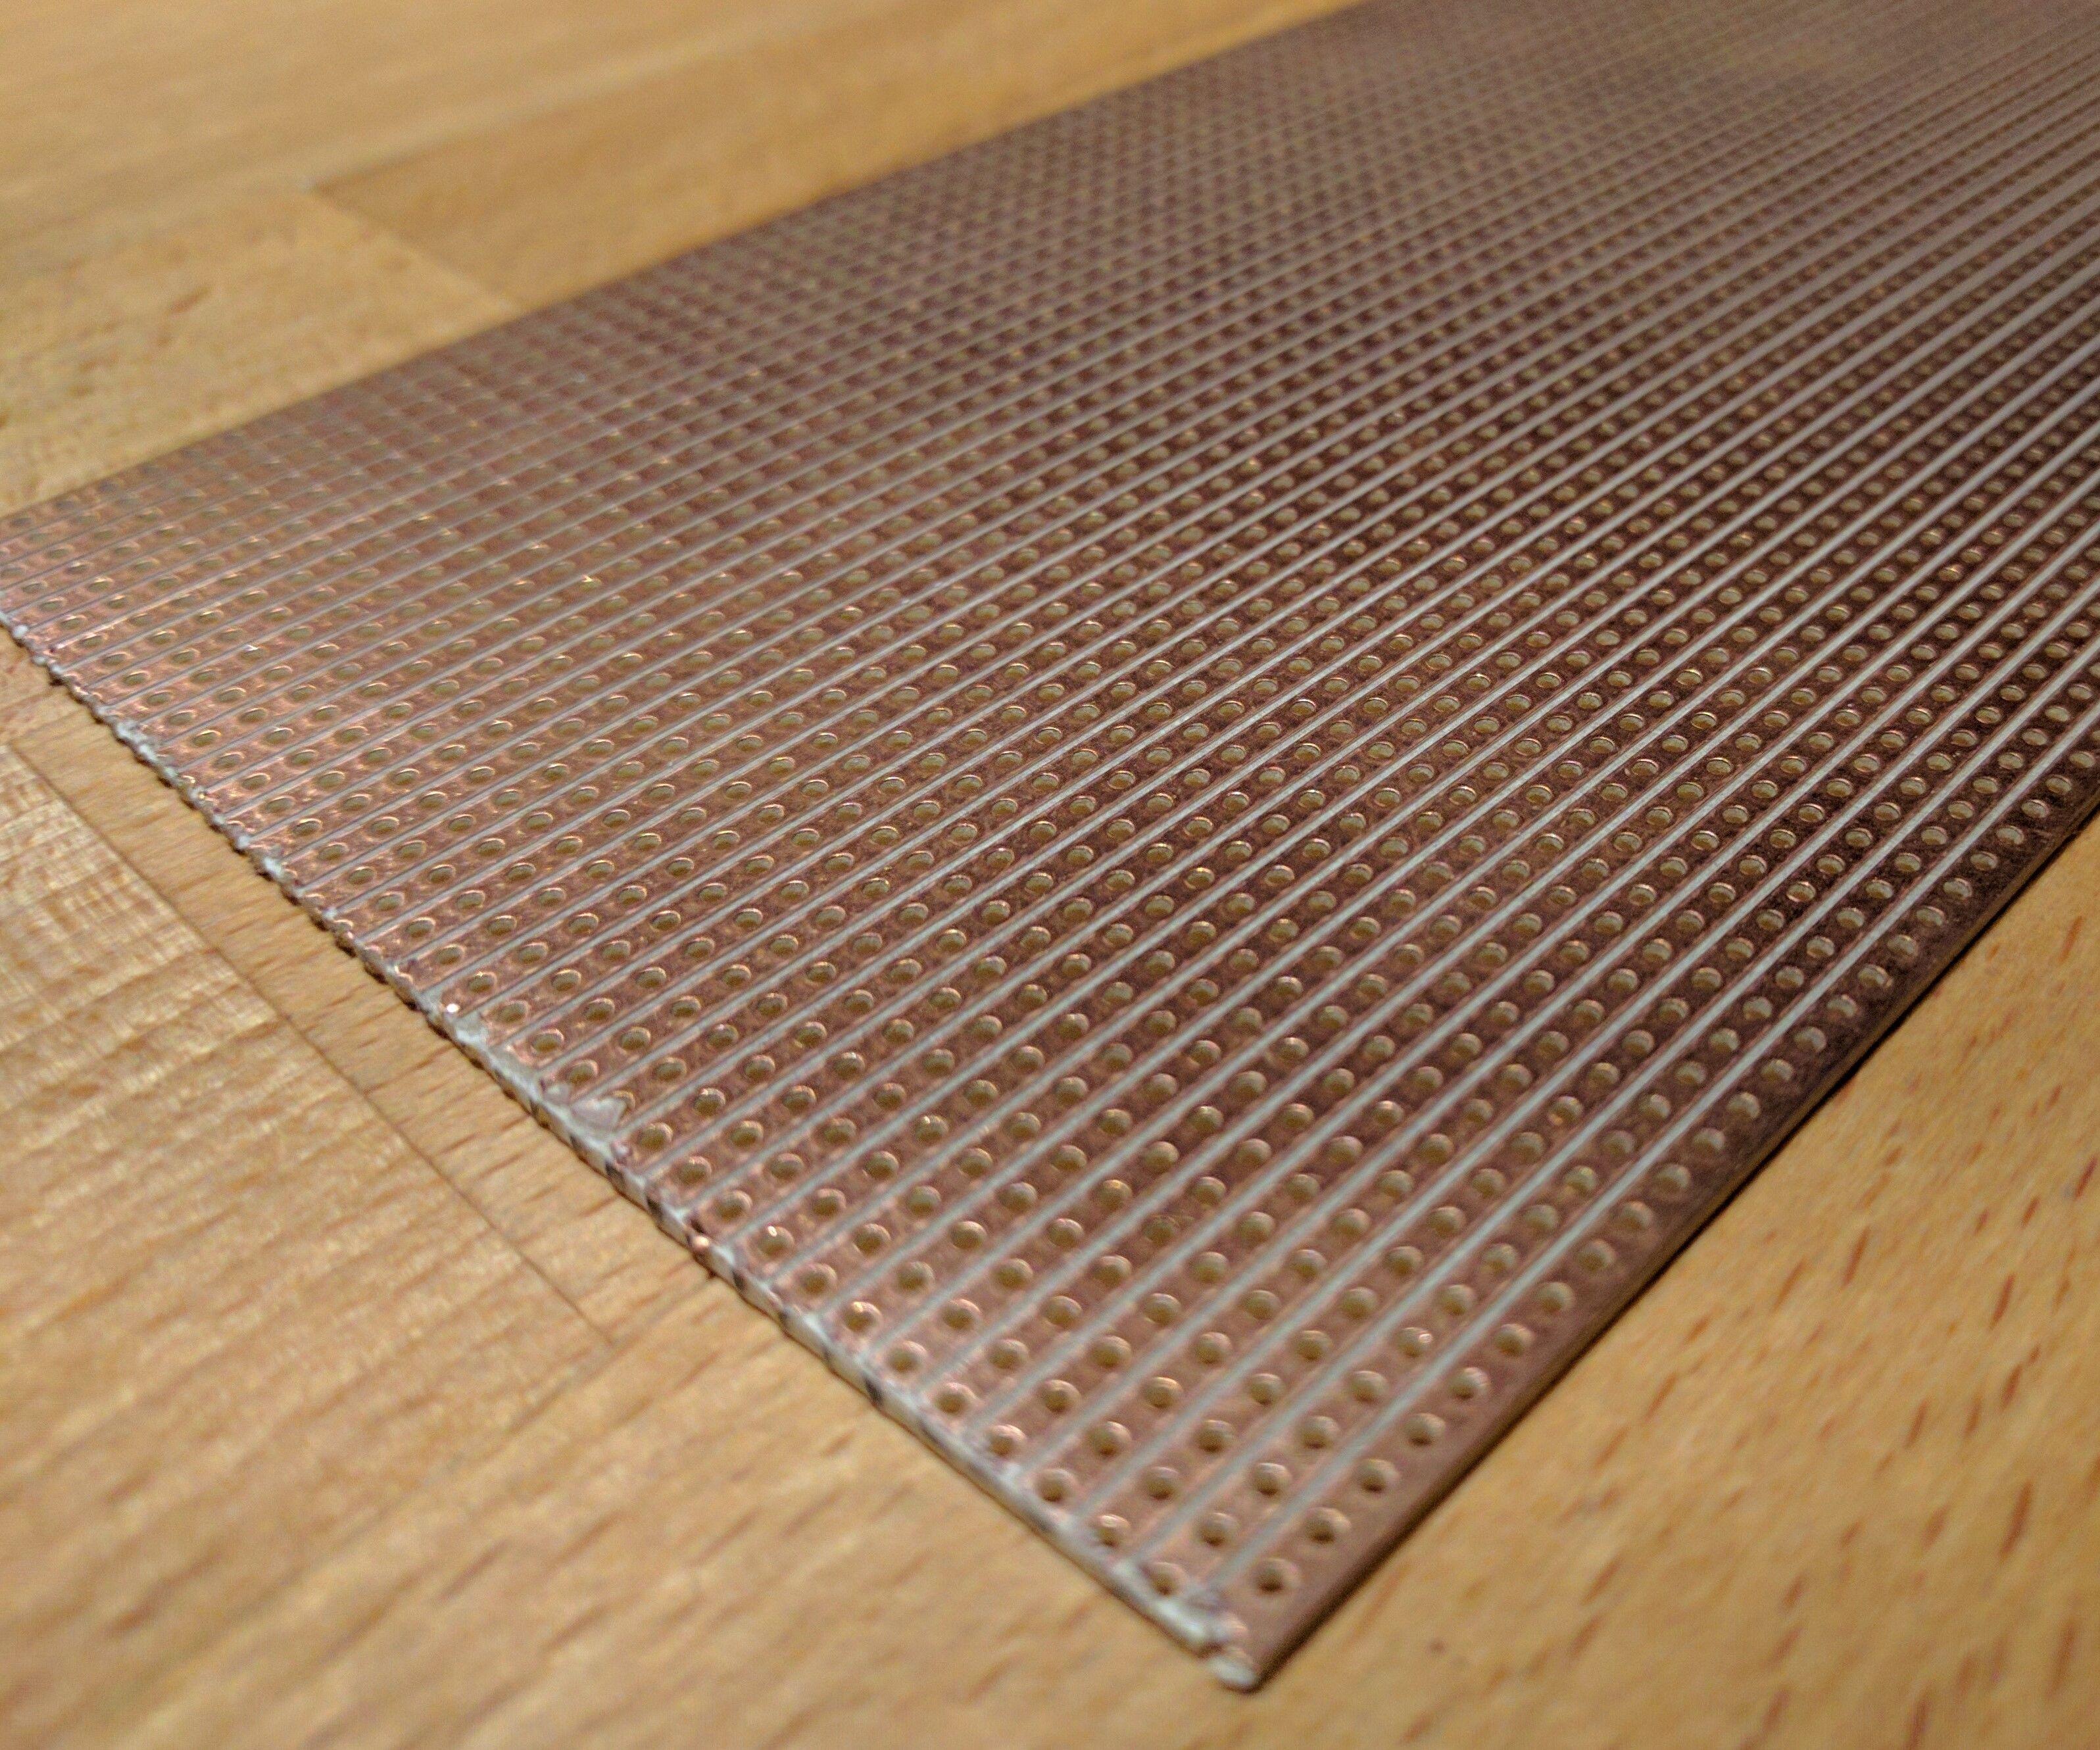 Stripboard PCB design